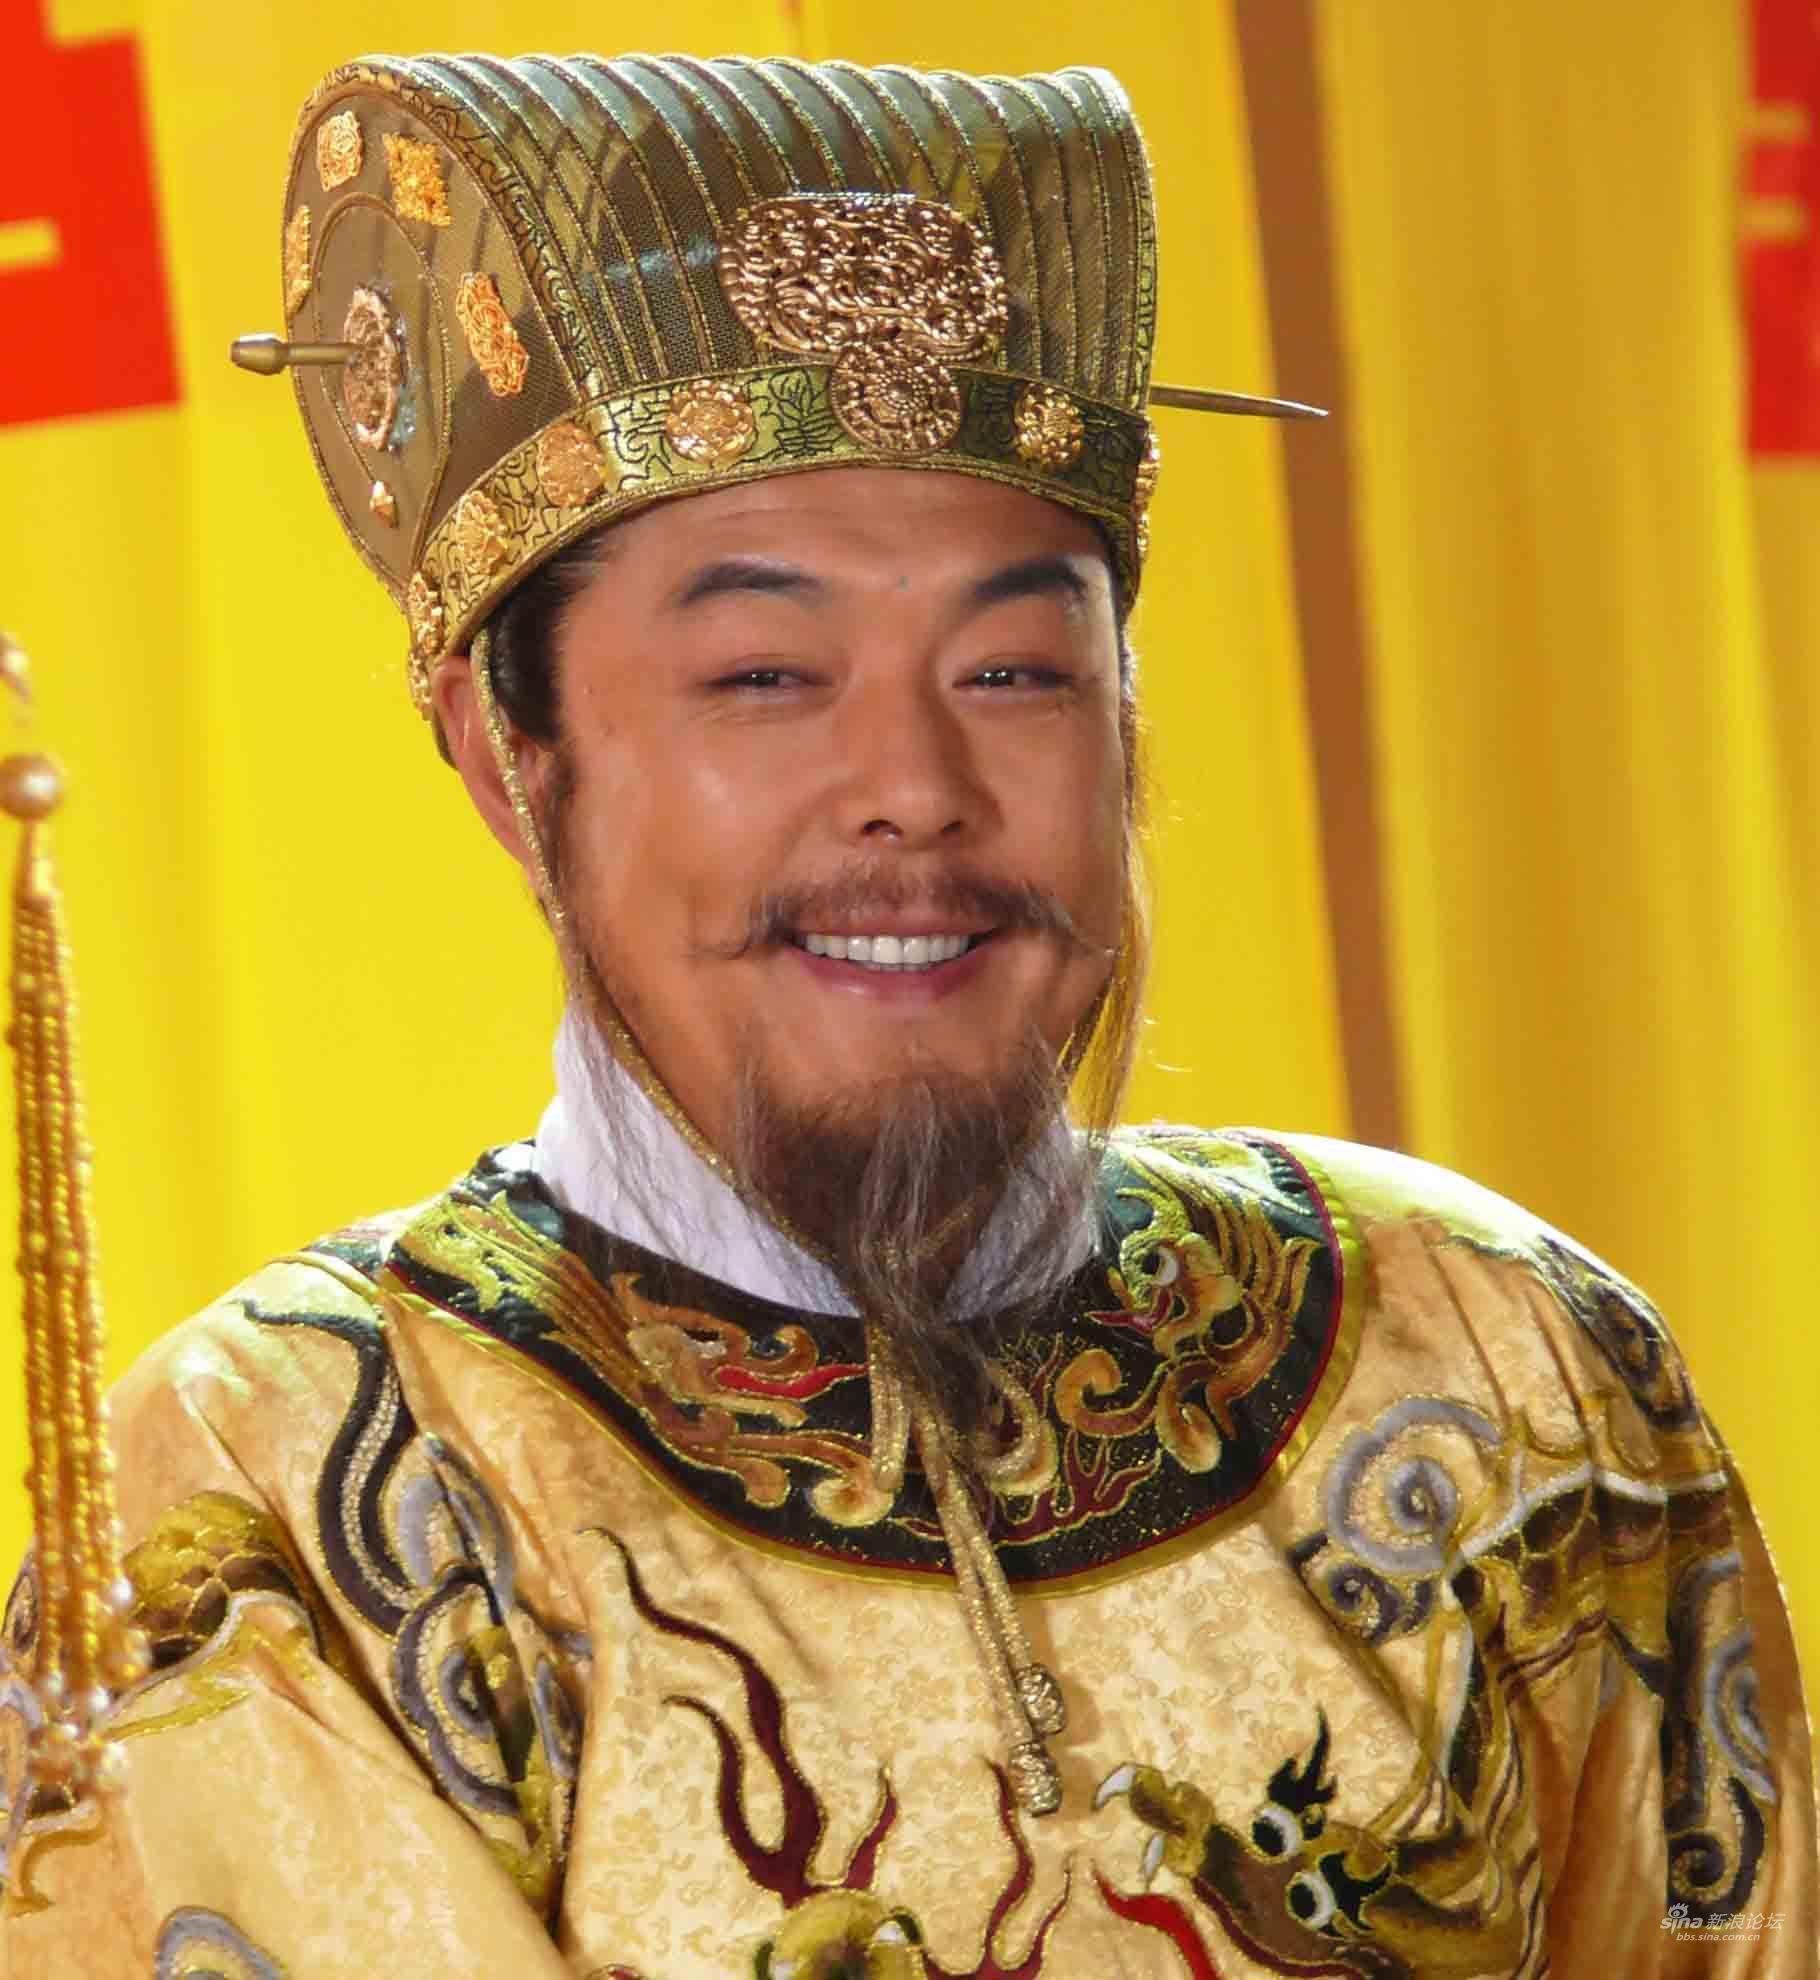 张铁林在电视剧 牡丹亭>中再现皇帝风采图片